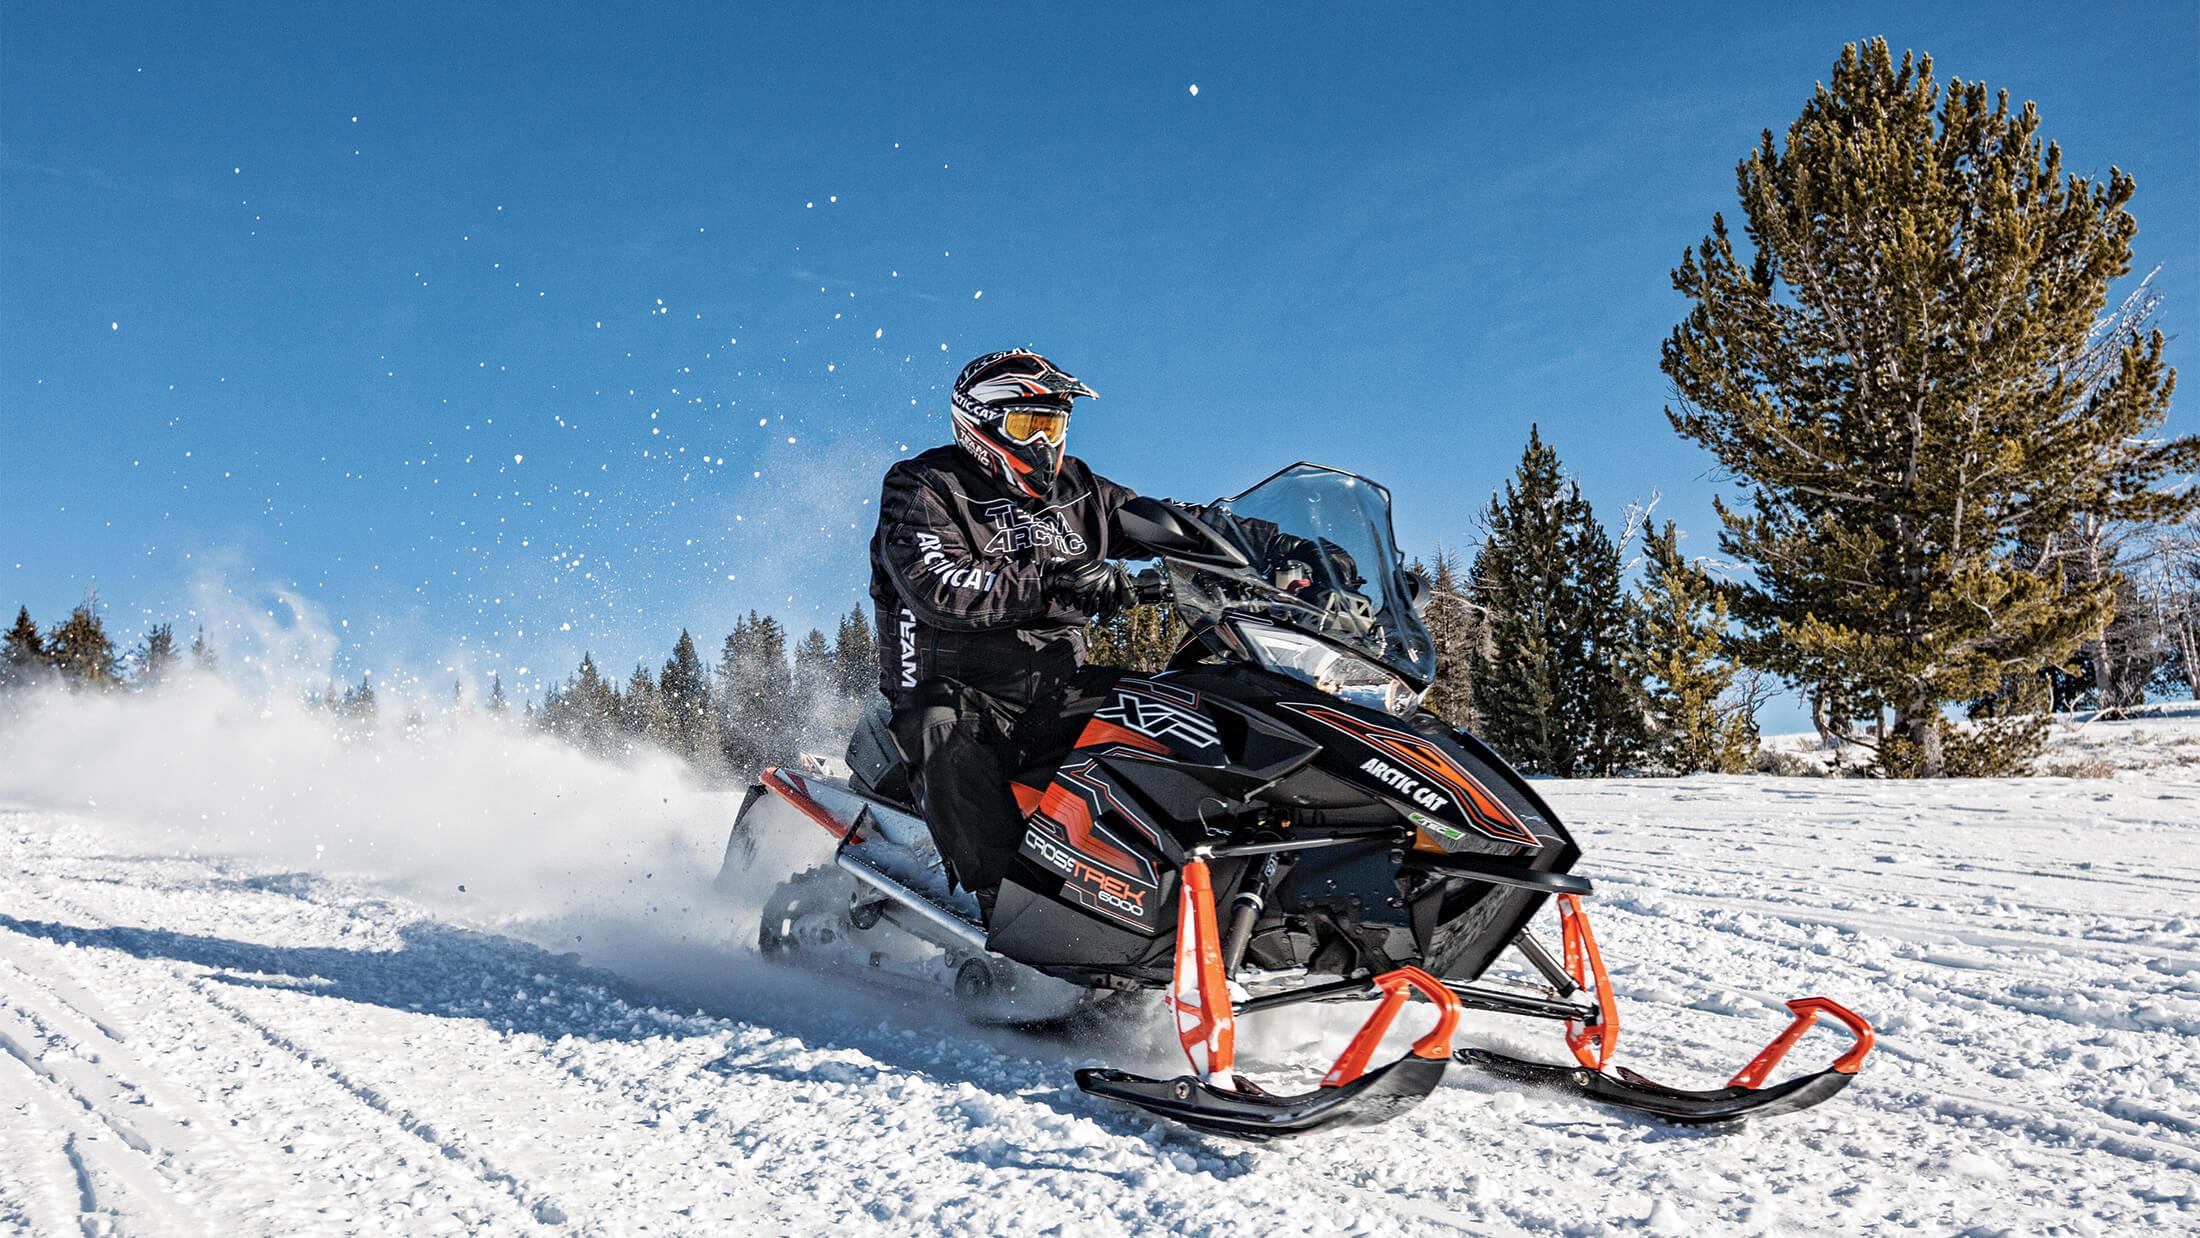 Максимальная скорость снегоходов